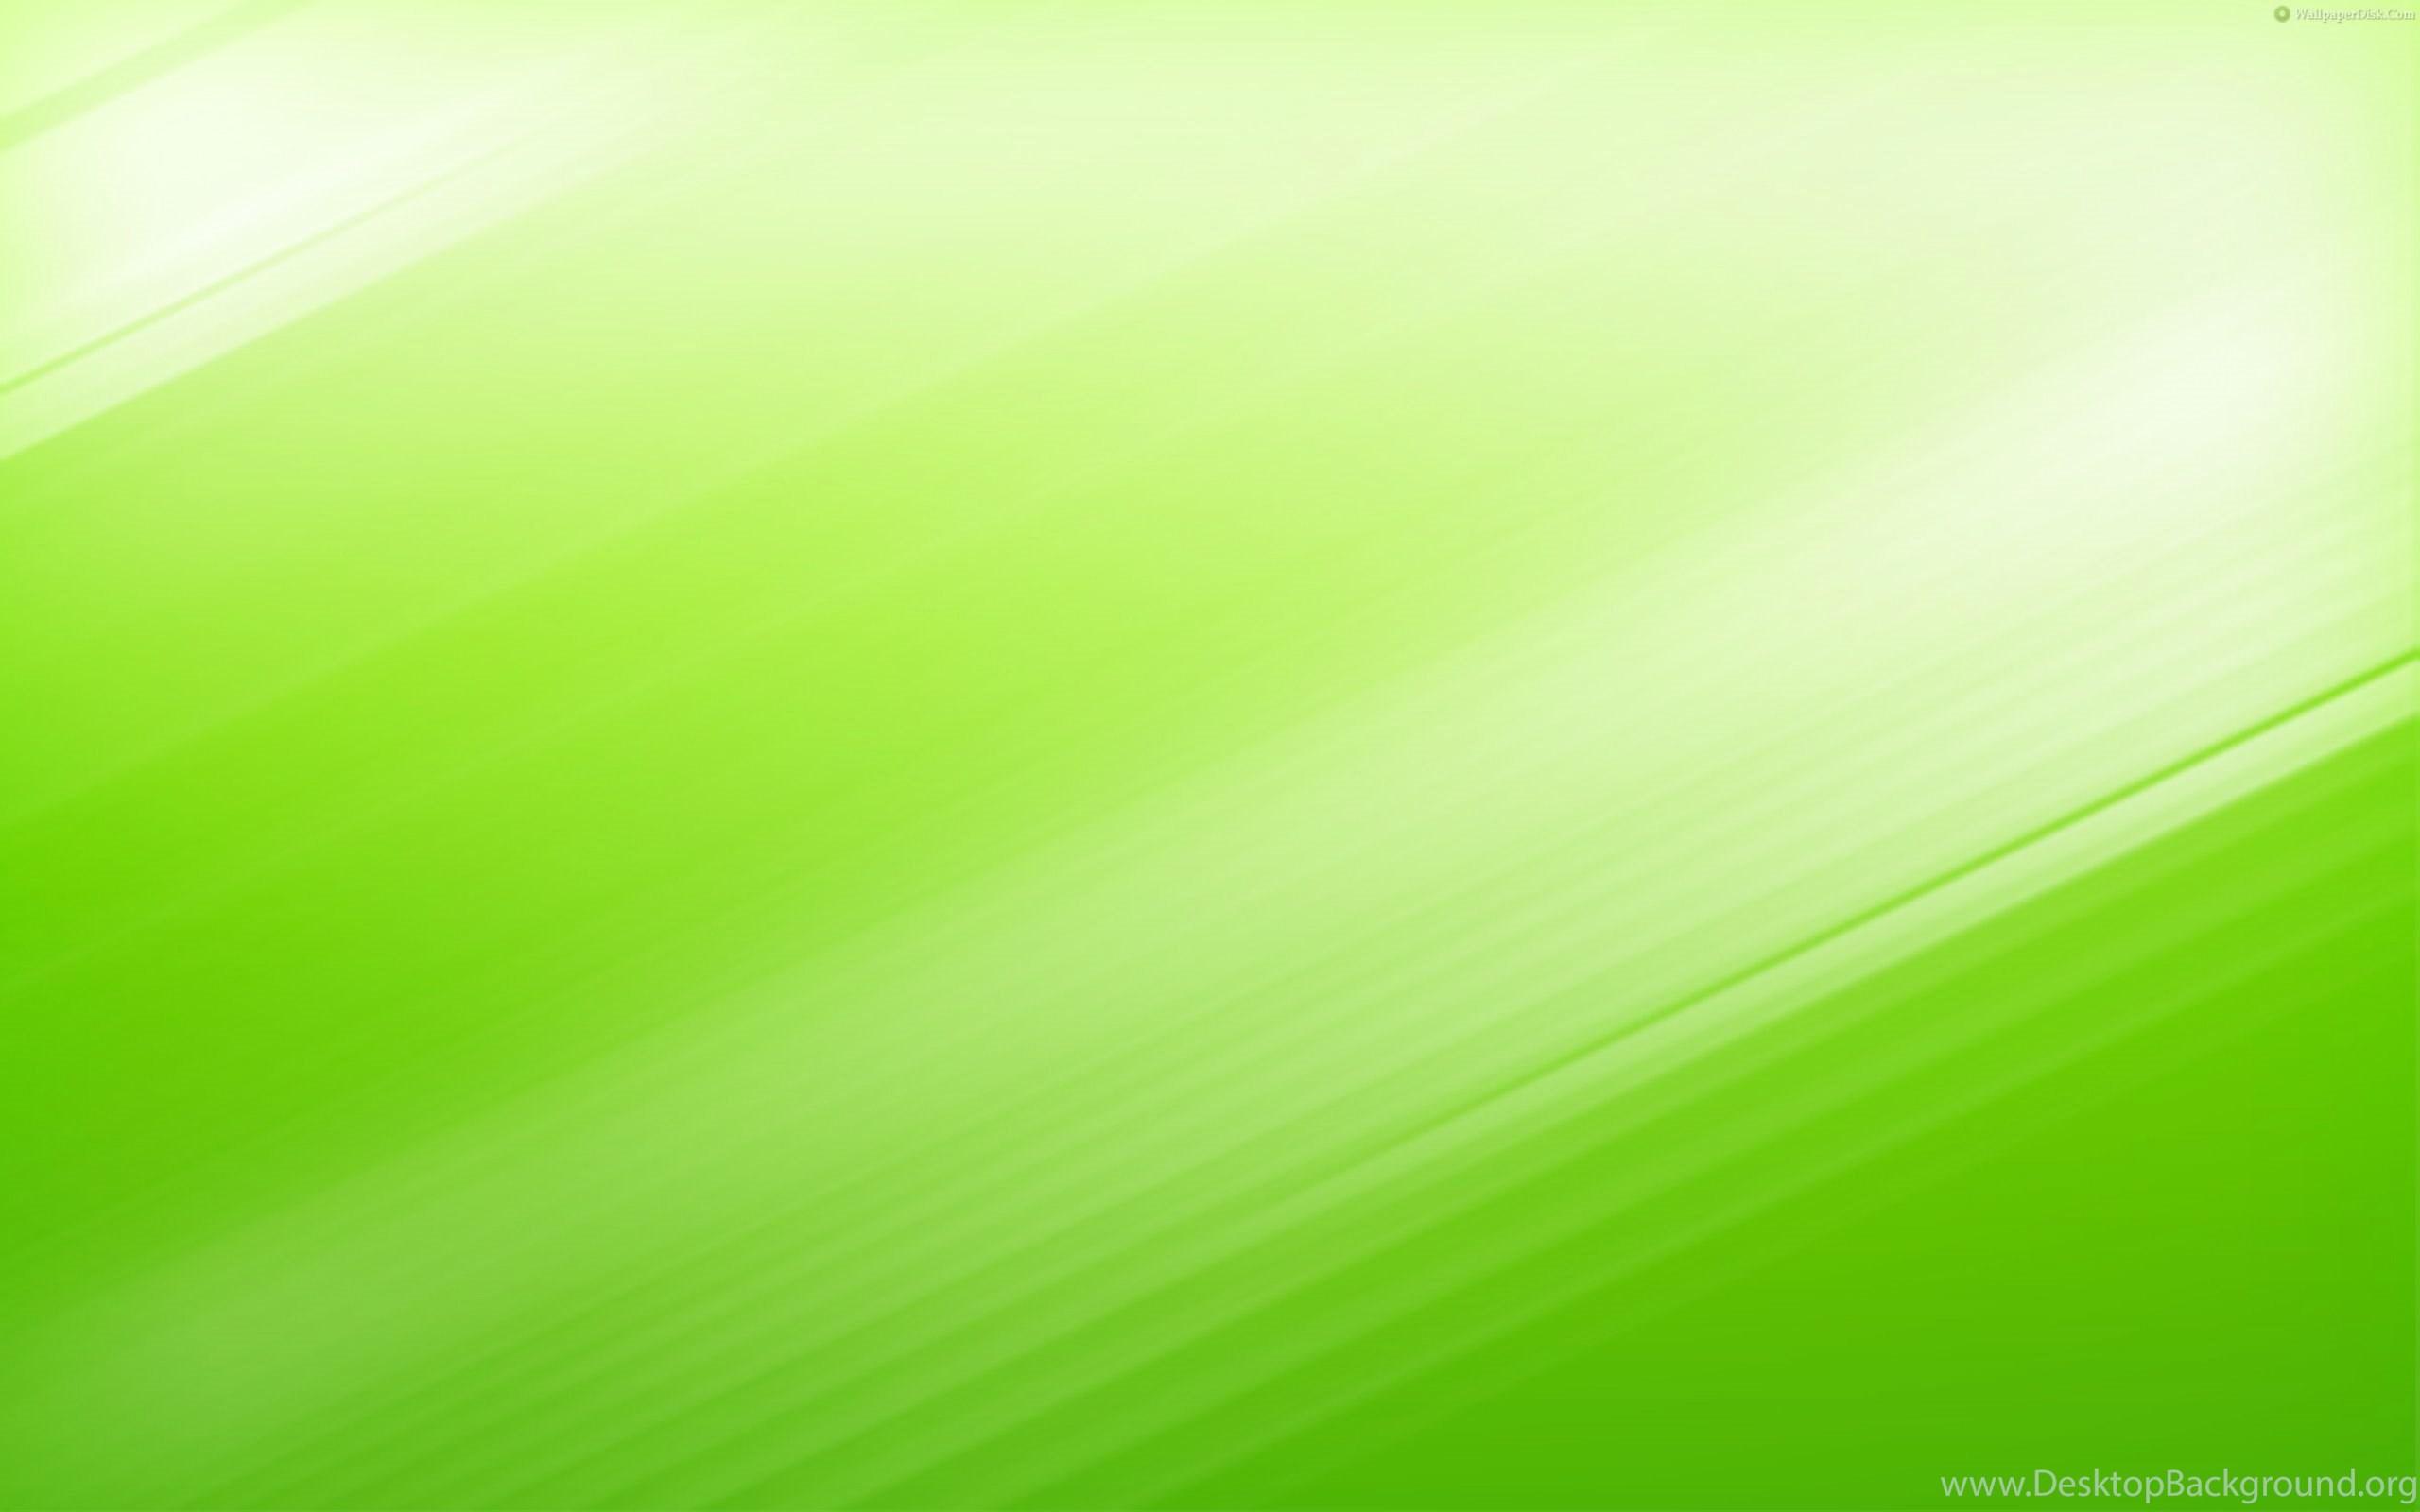 green background images desktop background